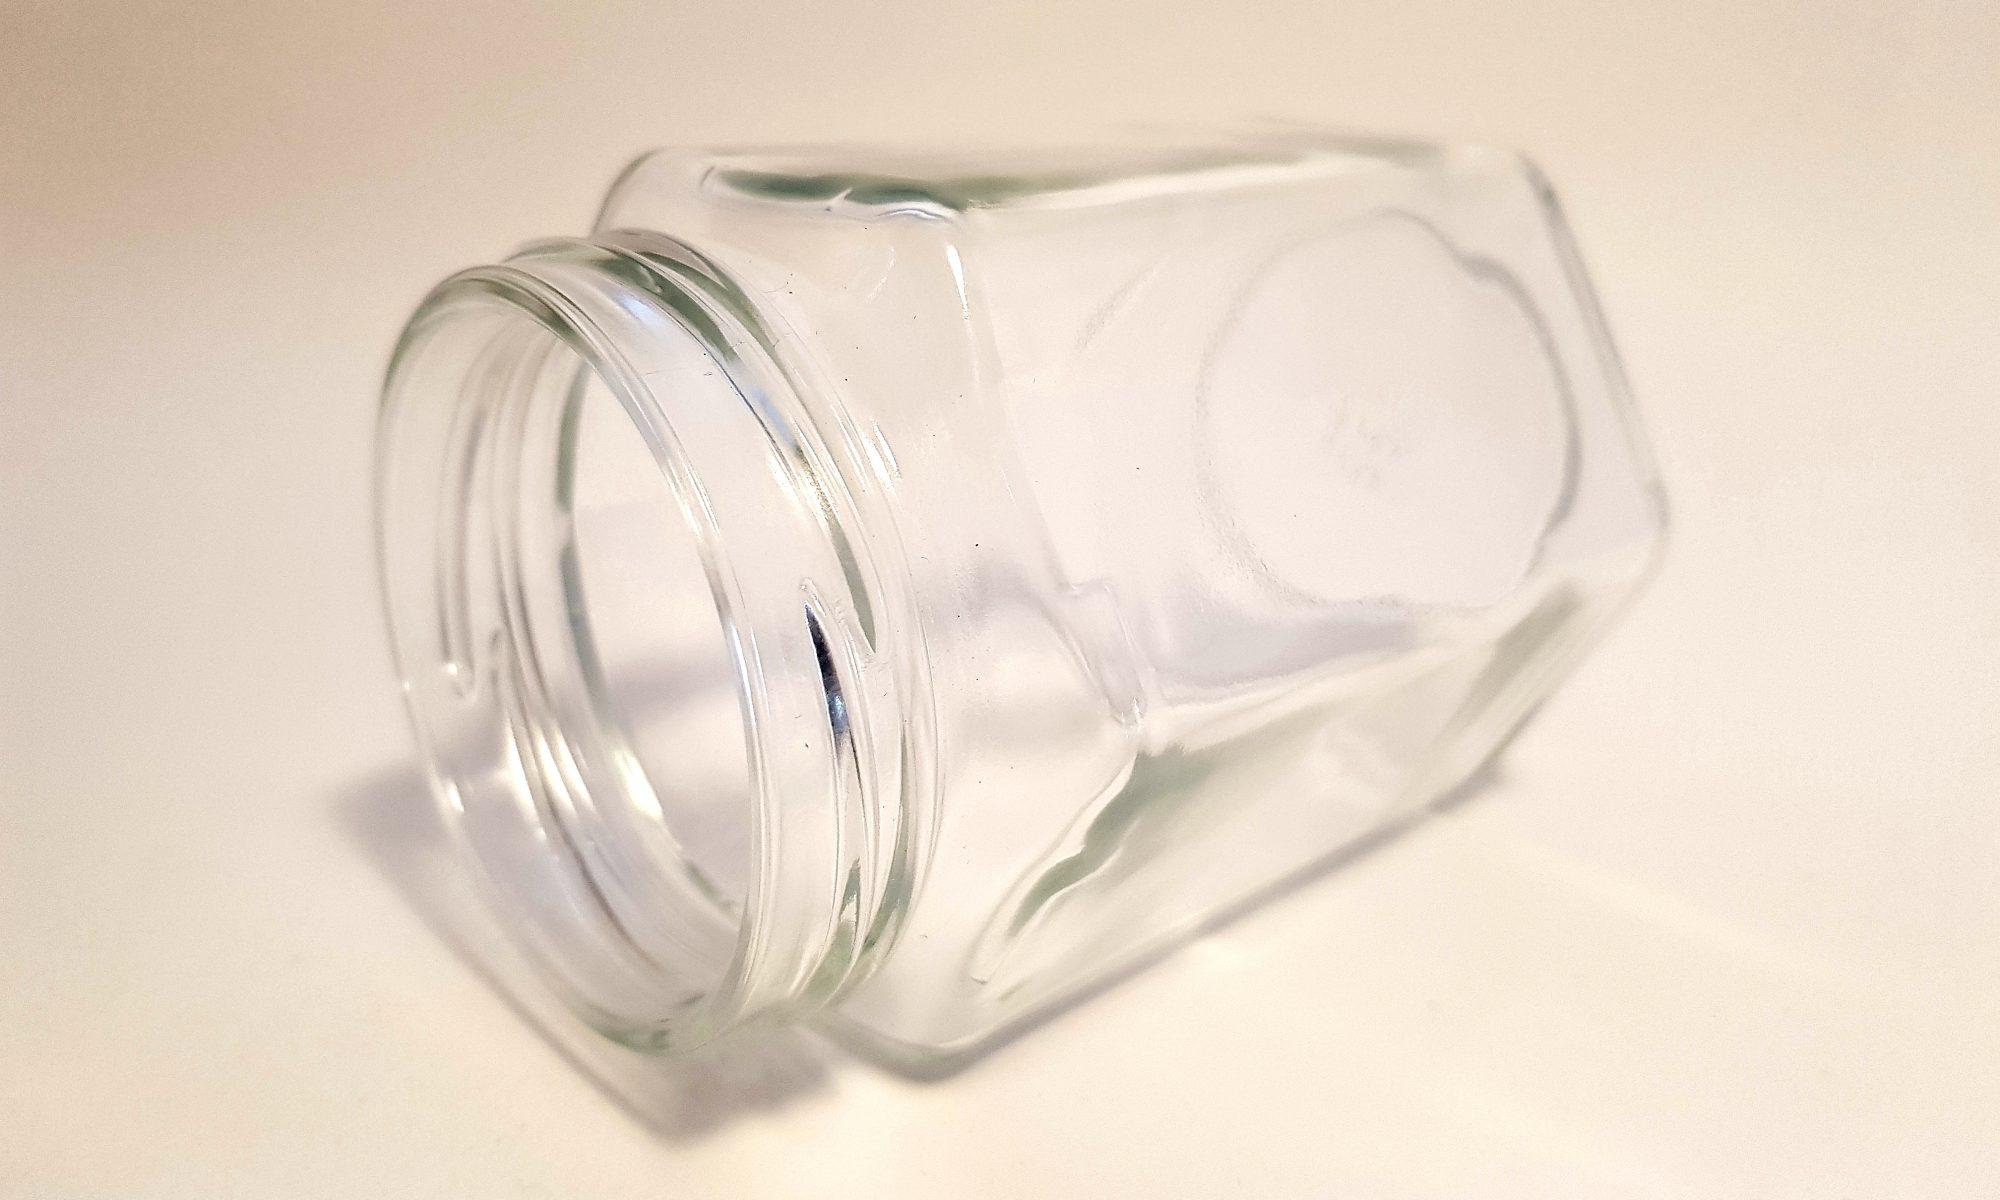 4 curiosidades en la historia del vidrio